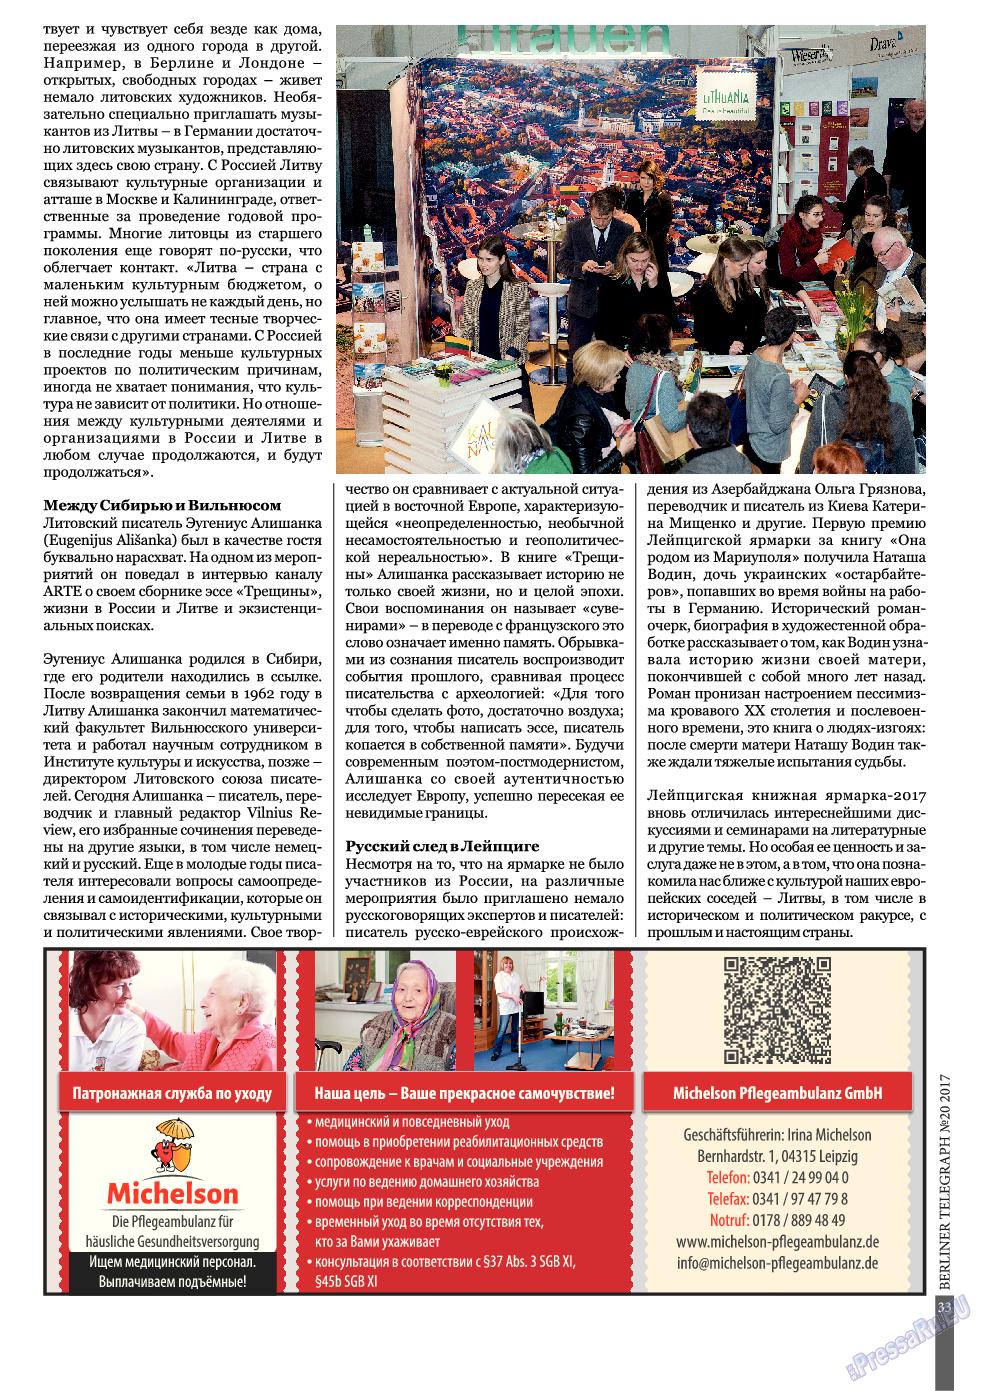 Берлинский телеграф (журнал). 2017 год, номер 20, стр. 33